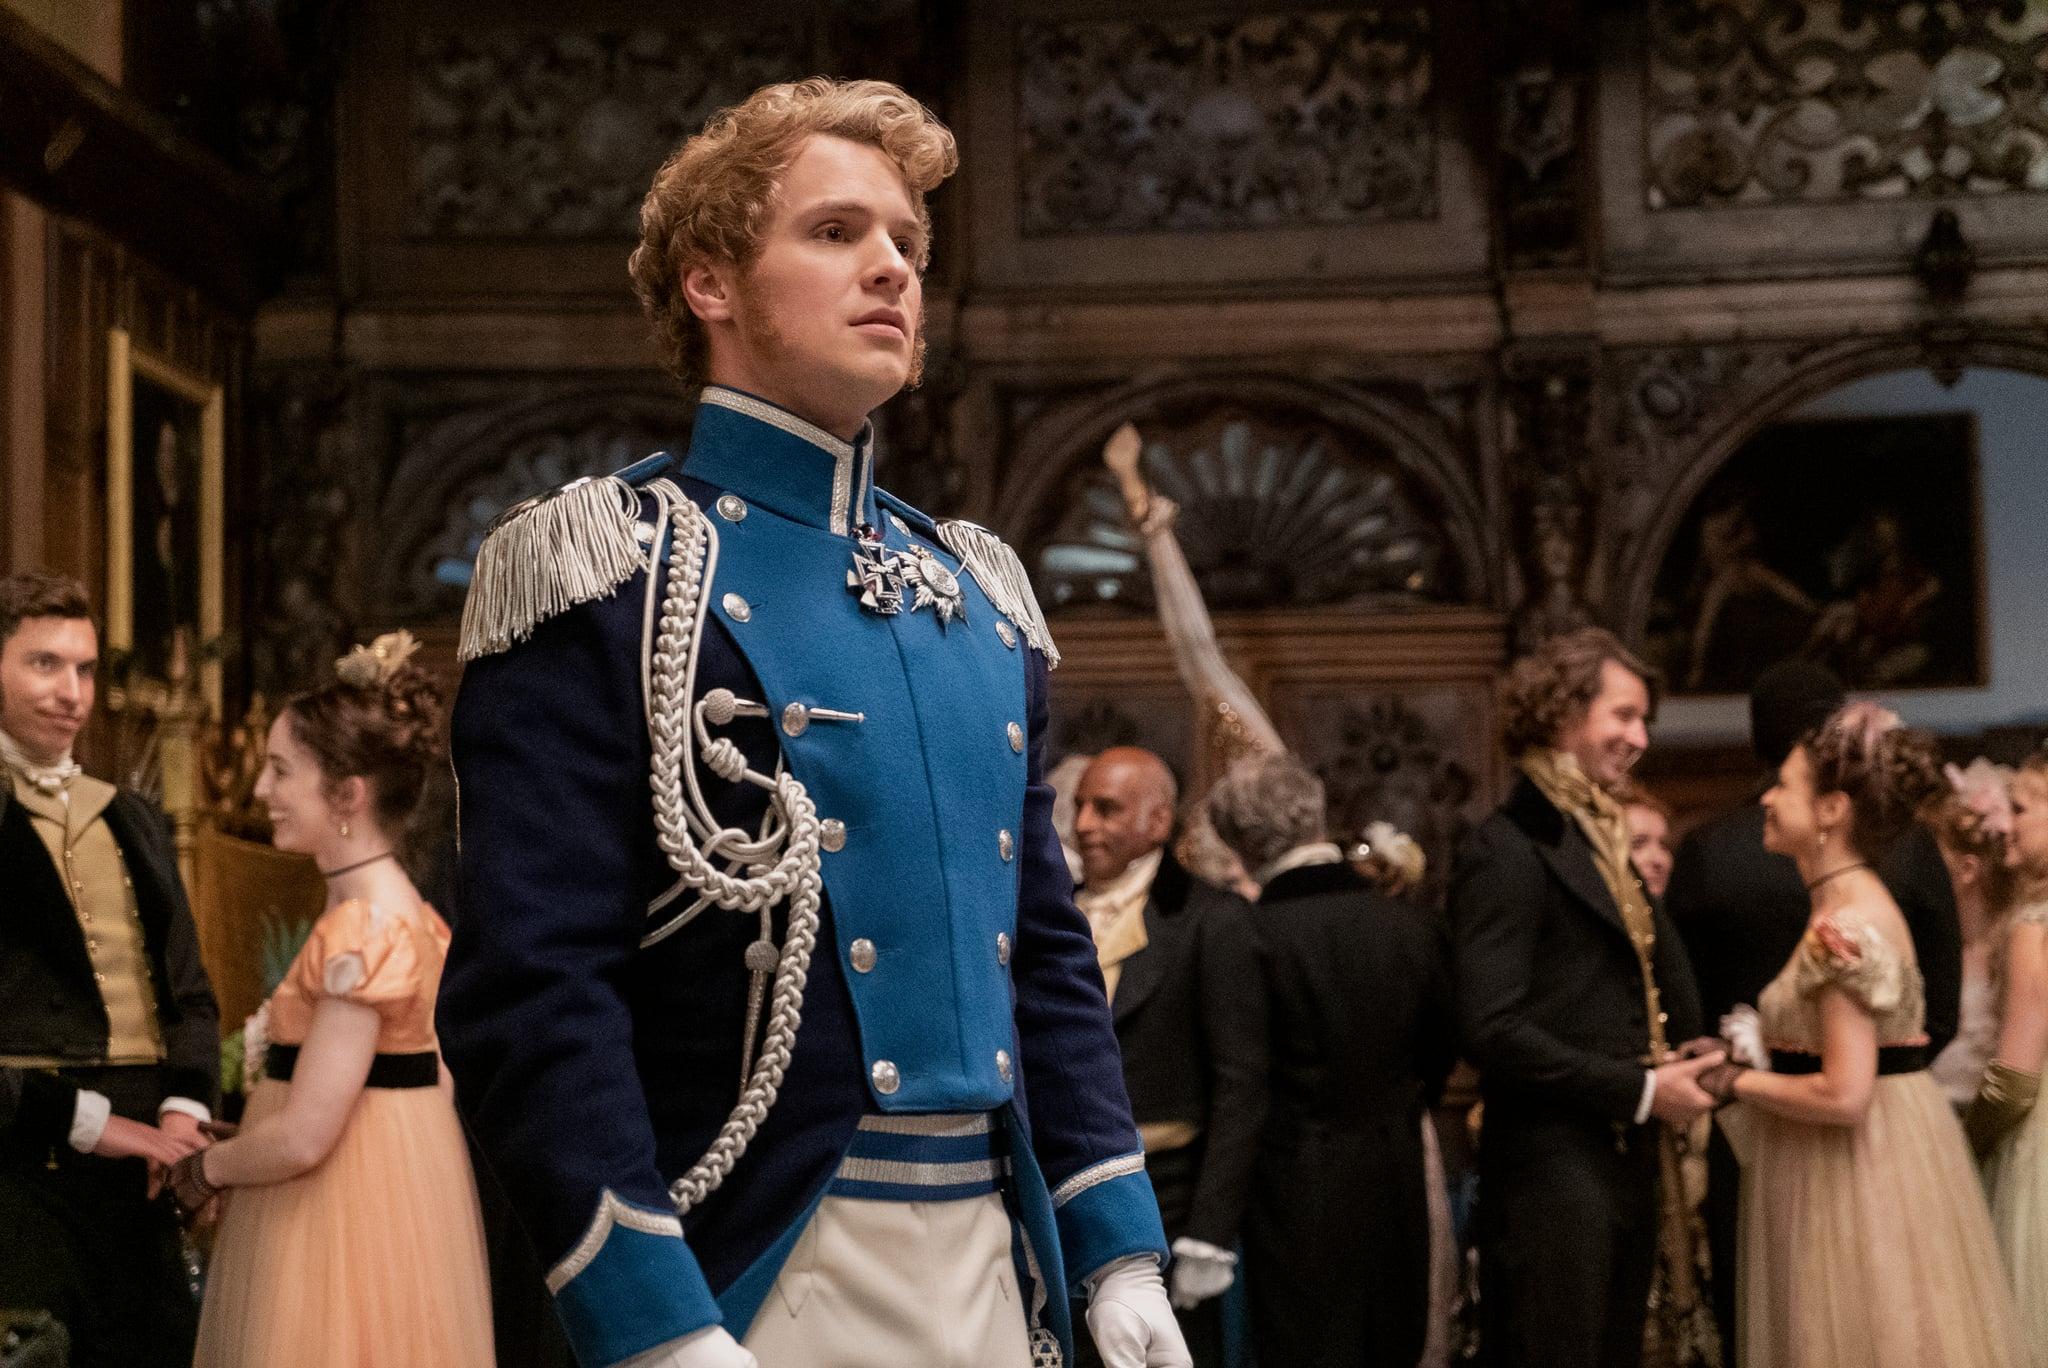 Príncipe Frederick em bridgerton